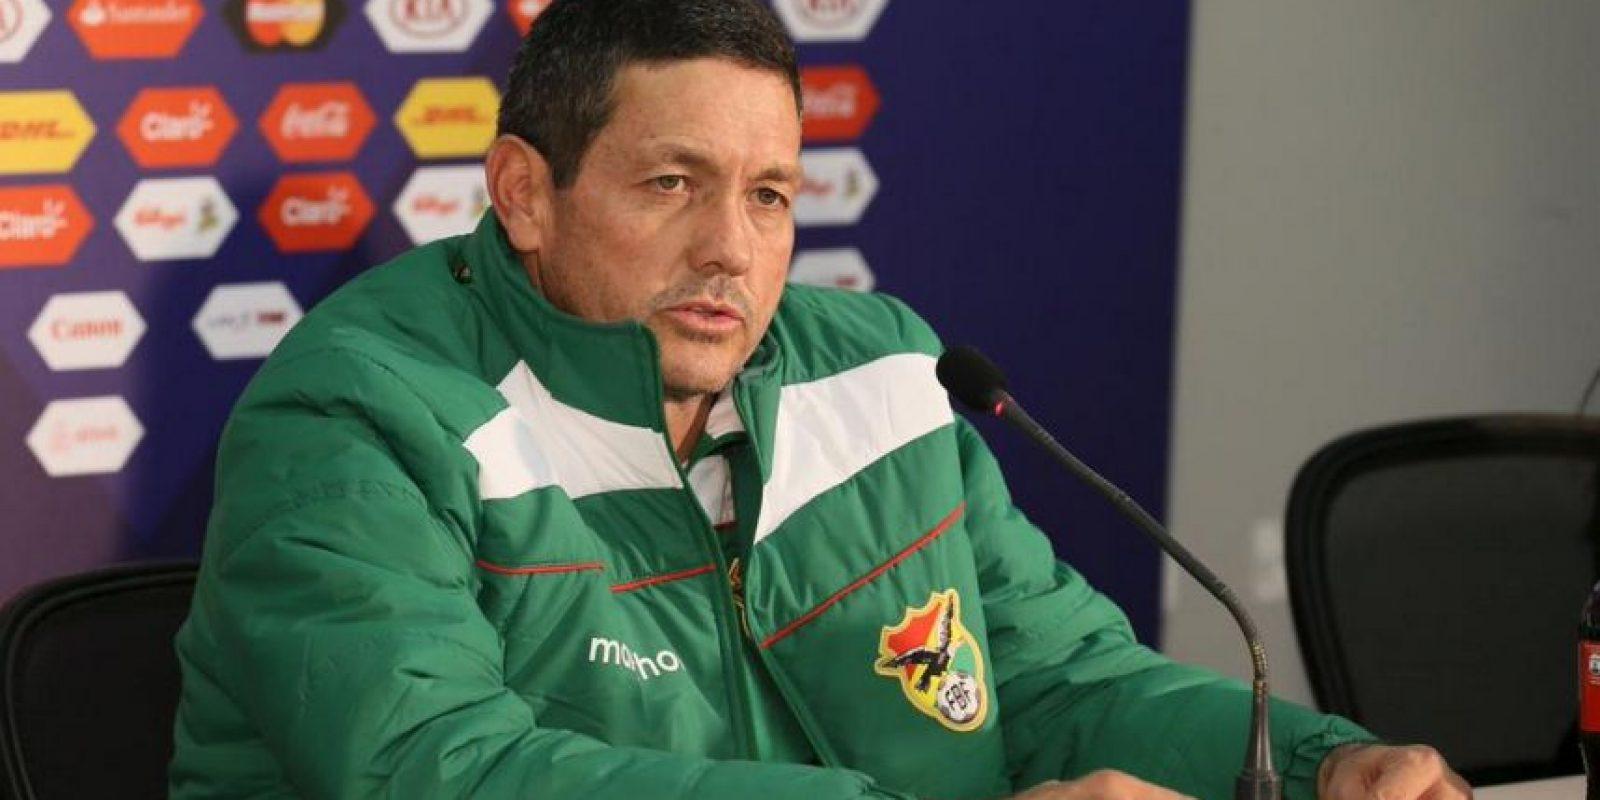 En Chile, los bolivianos han disputado 14 duelos, entre los que perdieron 10 e igualaron cuatro. En la imagen el DT Mauricio Soria Foto:Getty Images